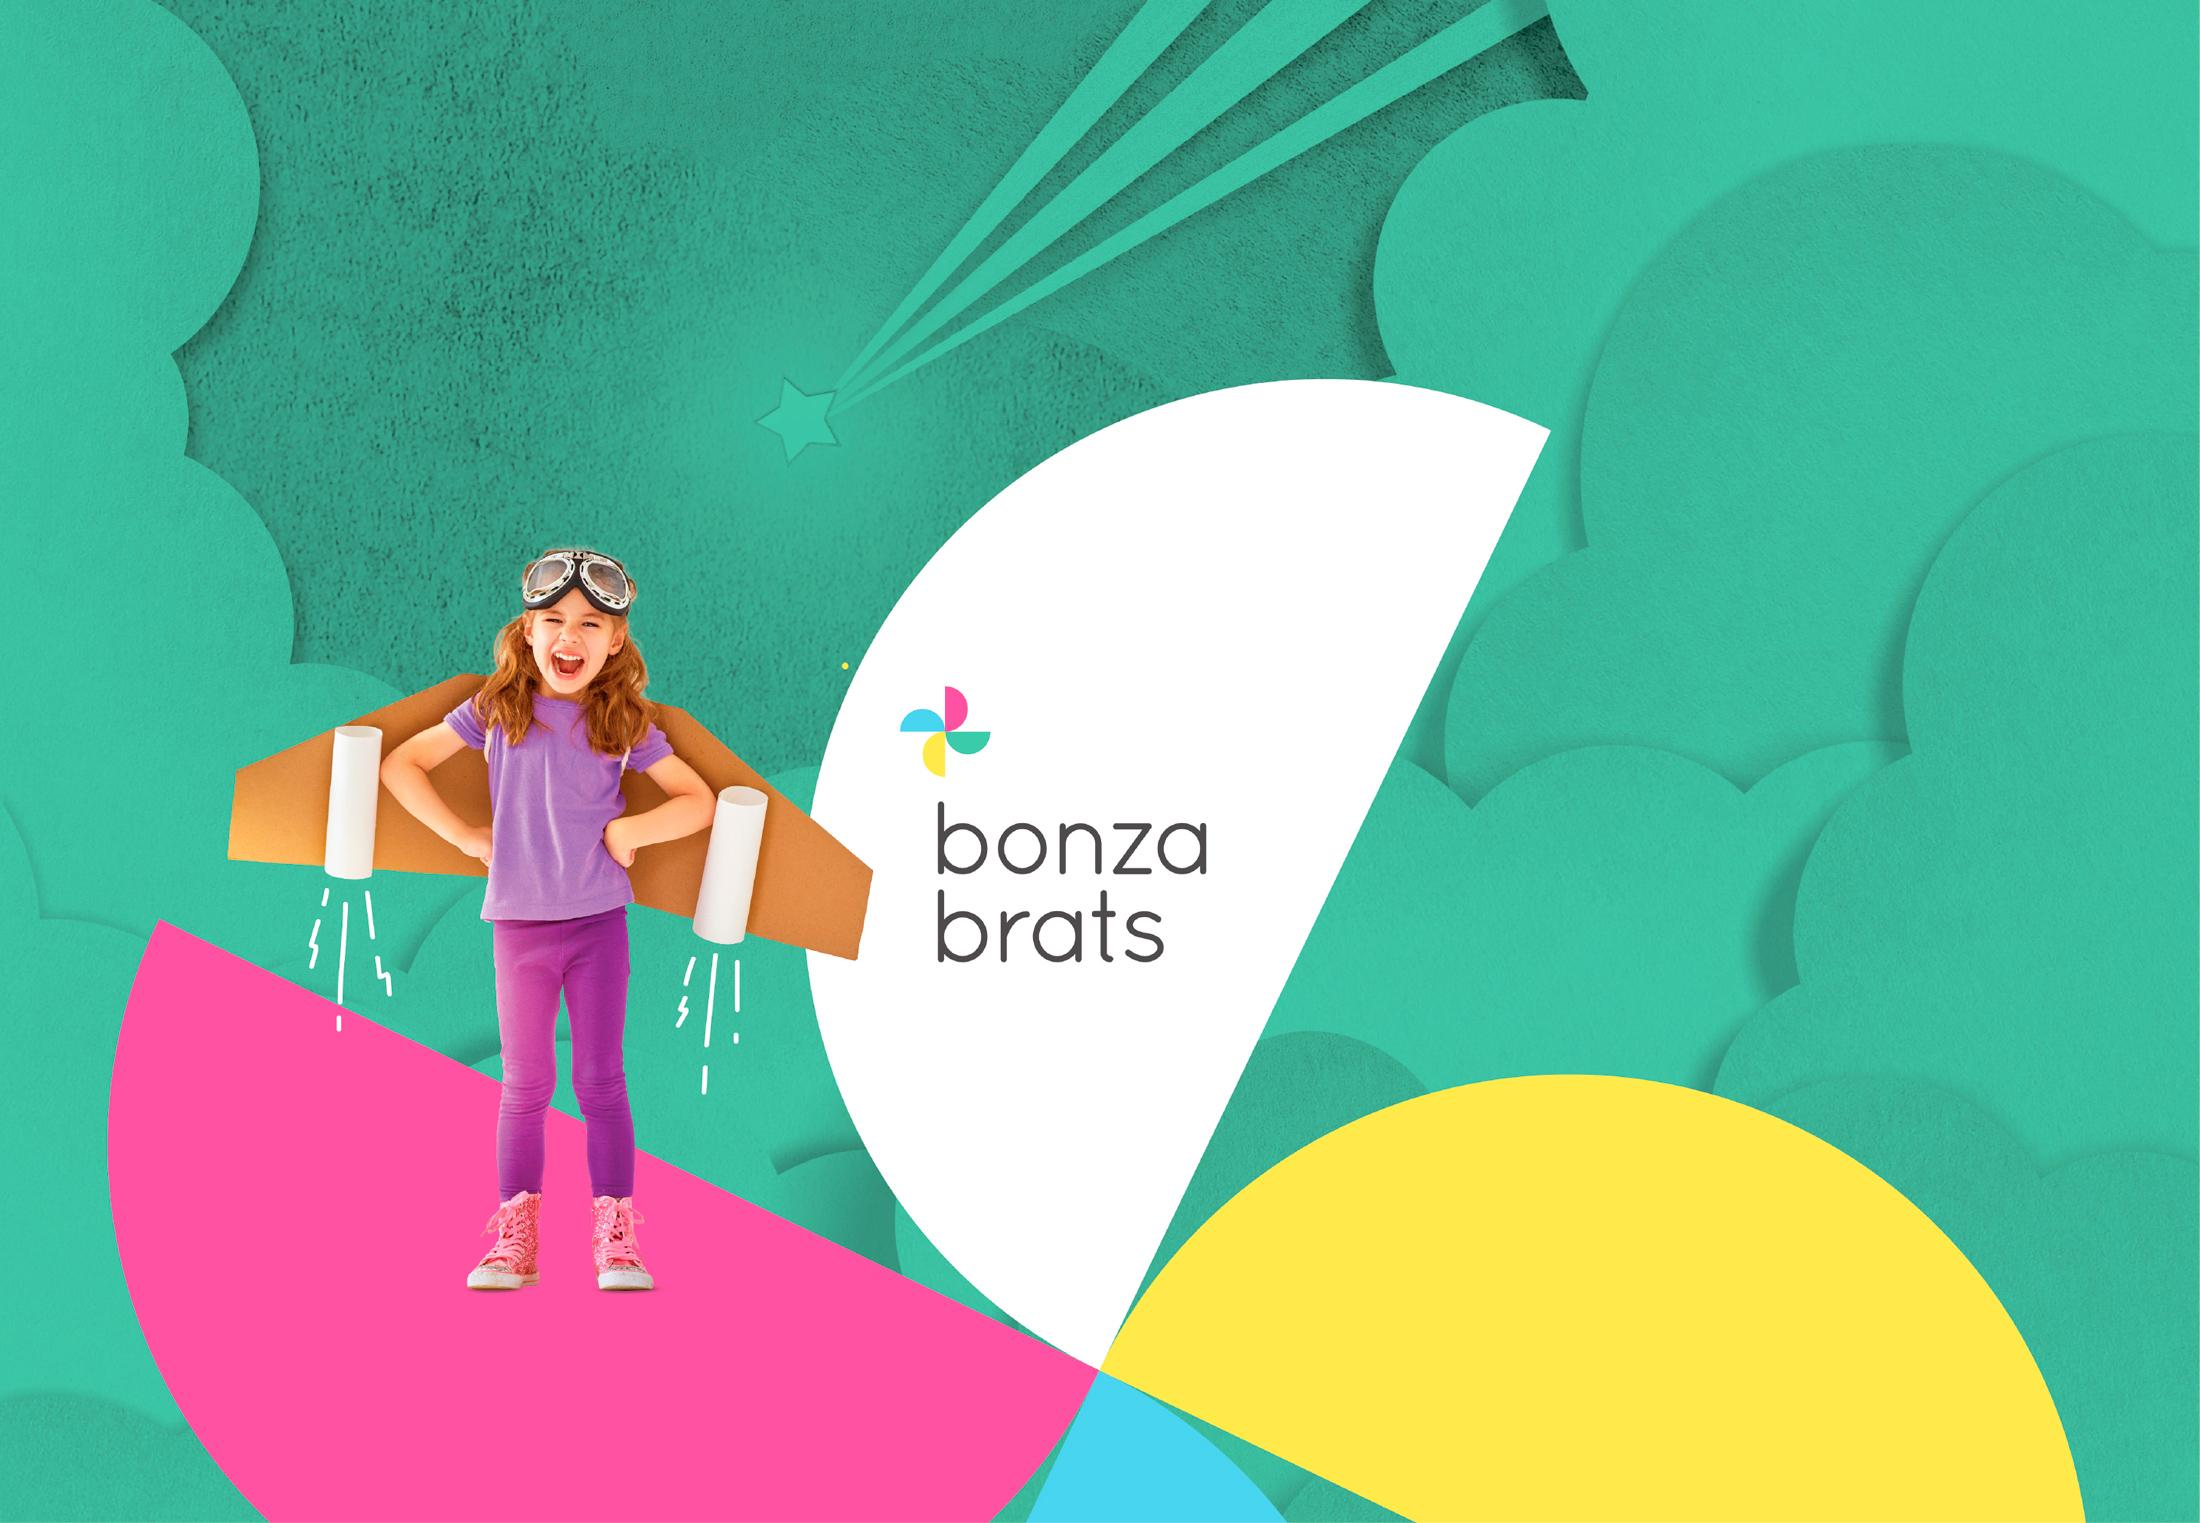 bonza-brats-bondi-retail-shop-brand-design-2